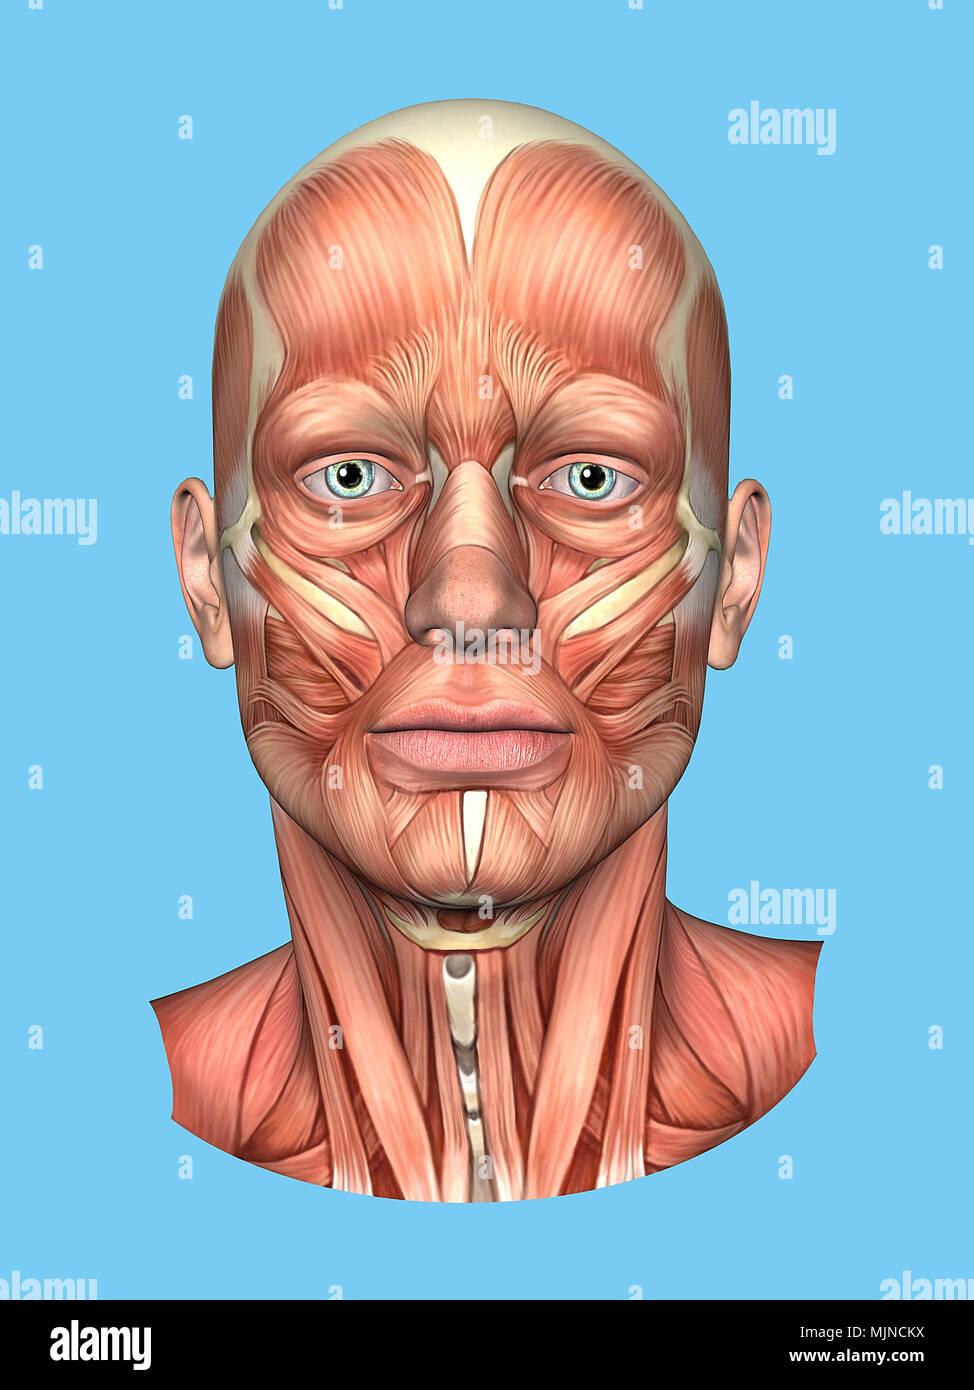 Dorable Anatomía Muscular Correa Modelo - Imágenes de Anatomía ...